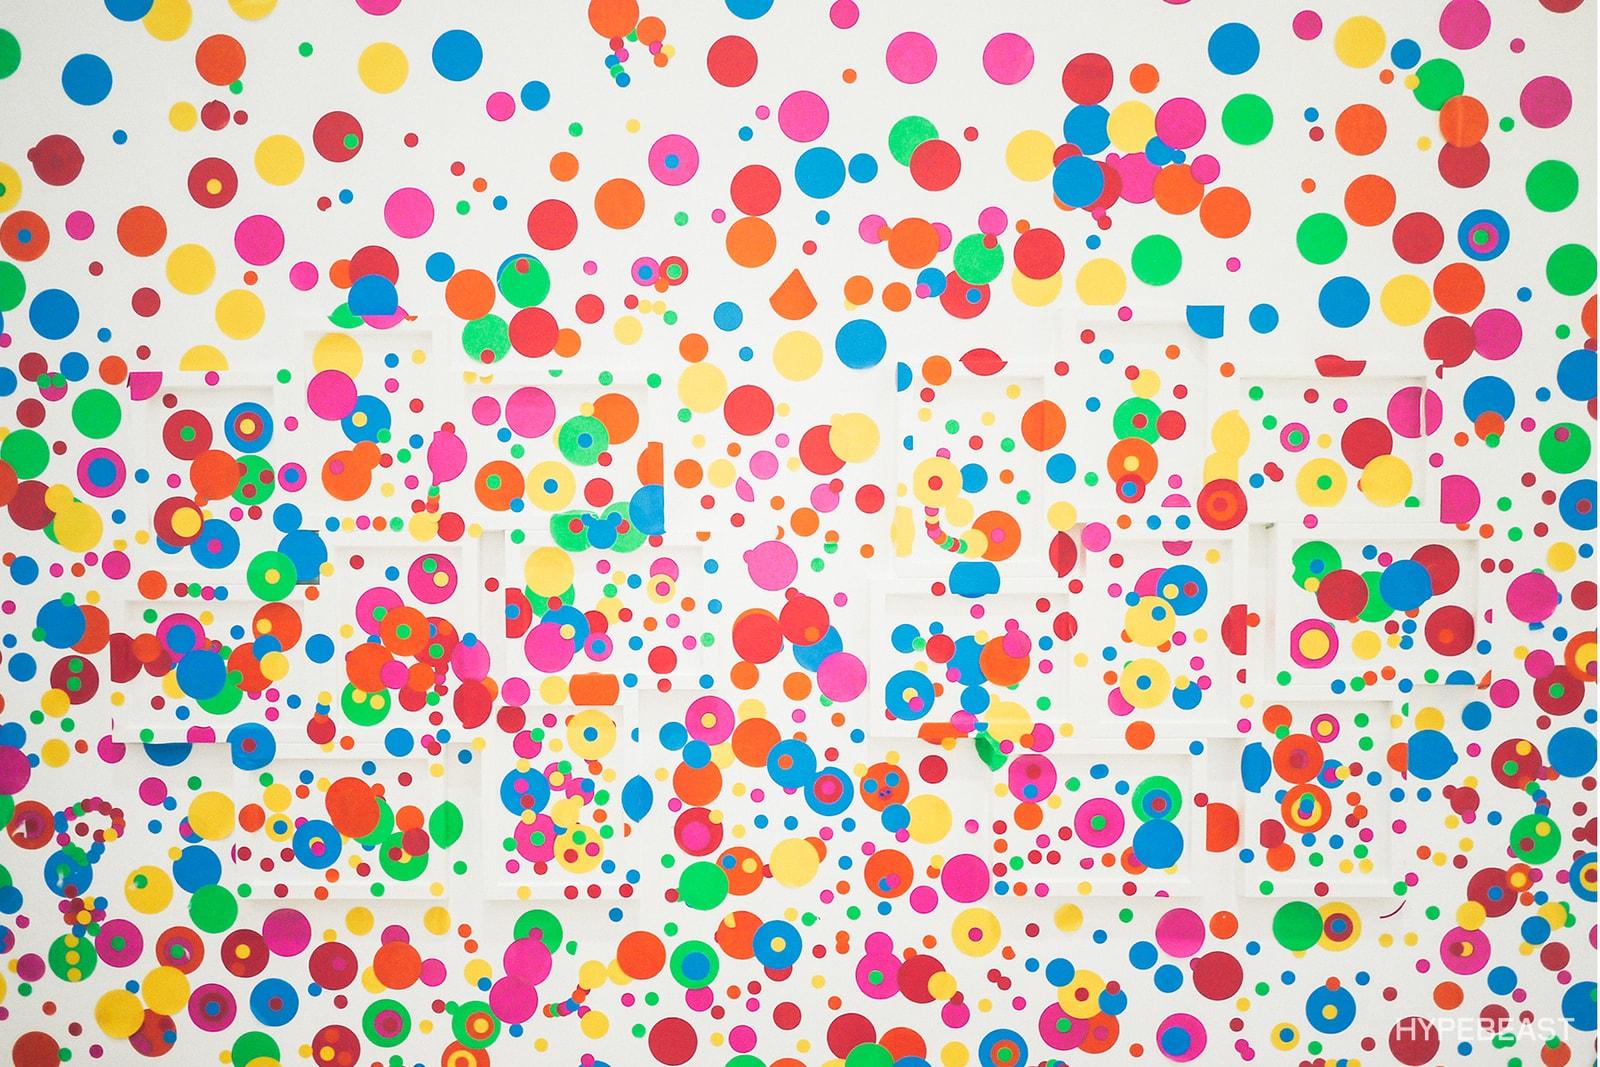 8 件草間彌生《Life Is The Heart Of A Rainbow》個展務必留意的展品